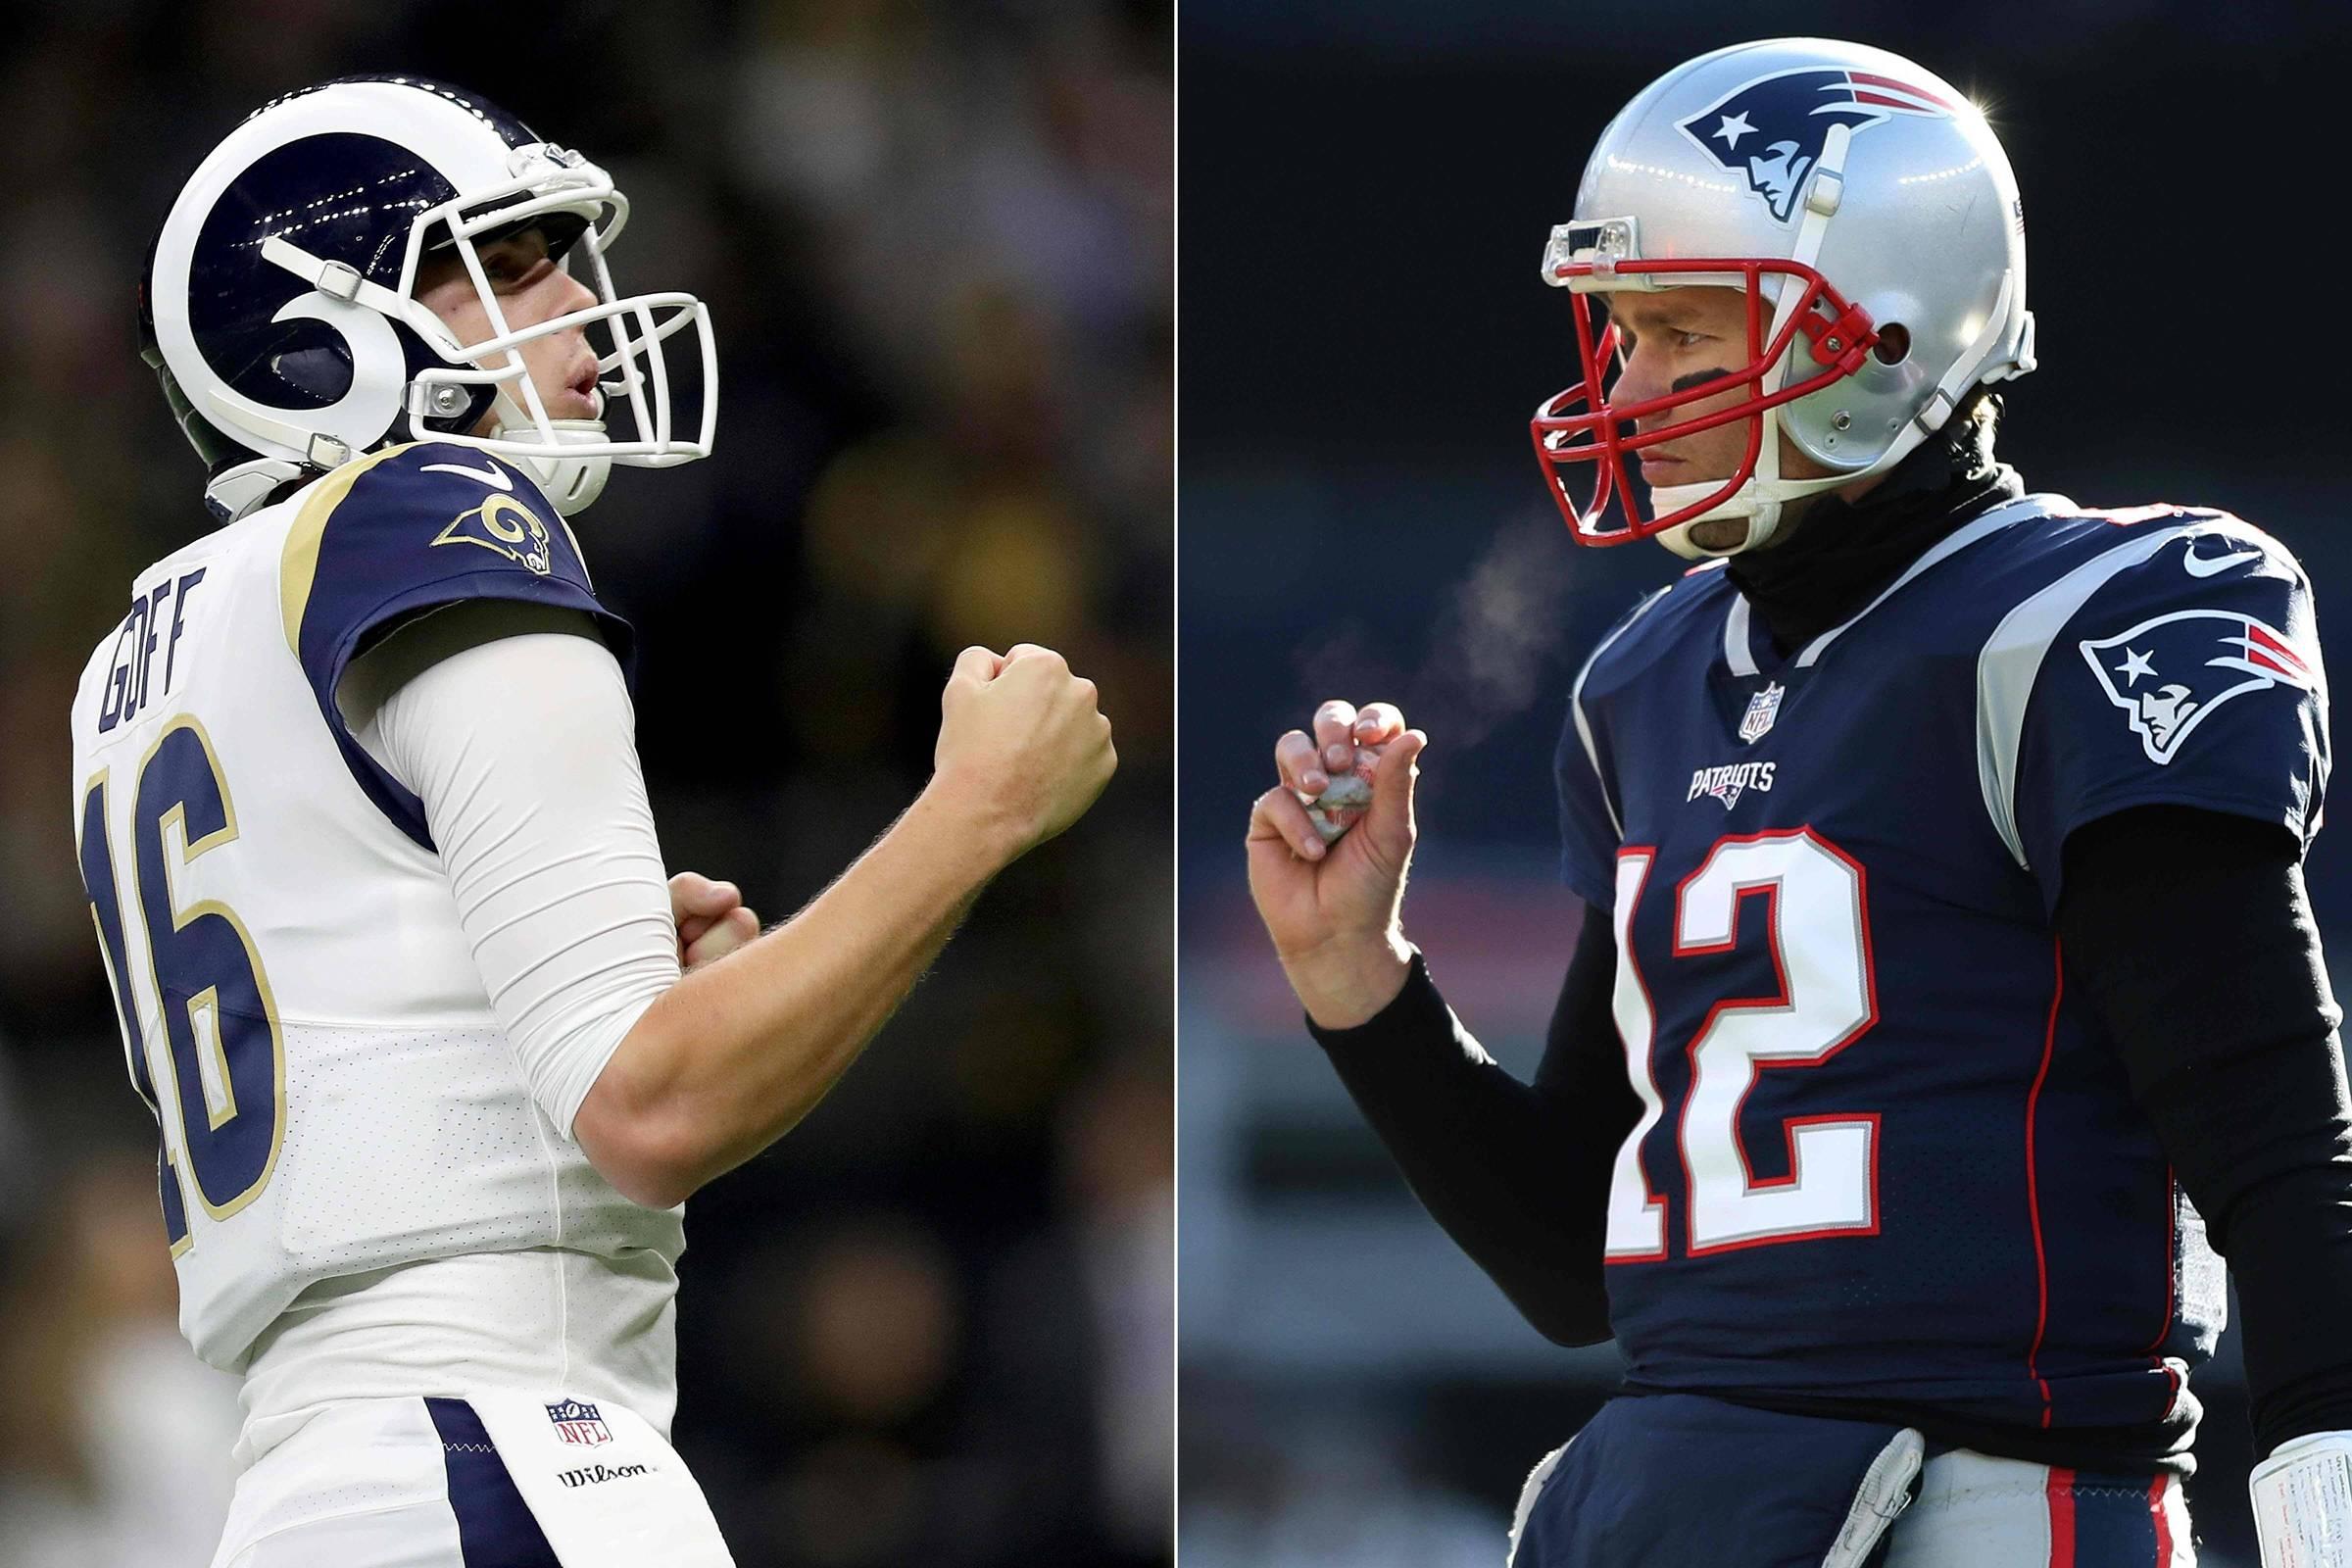 956d6ab4e Super Bowl 53 faz Tom Brady reviver estreia e novato sonhar com façanha -  03 02 2019 - Esporte - Folha